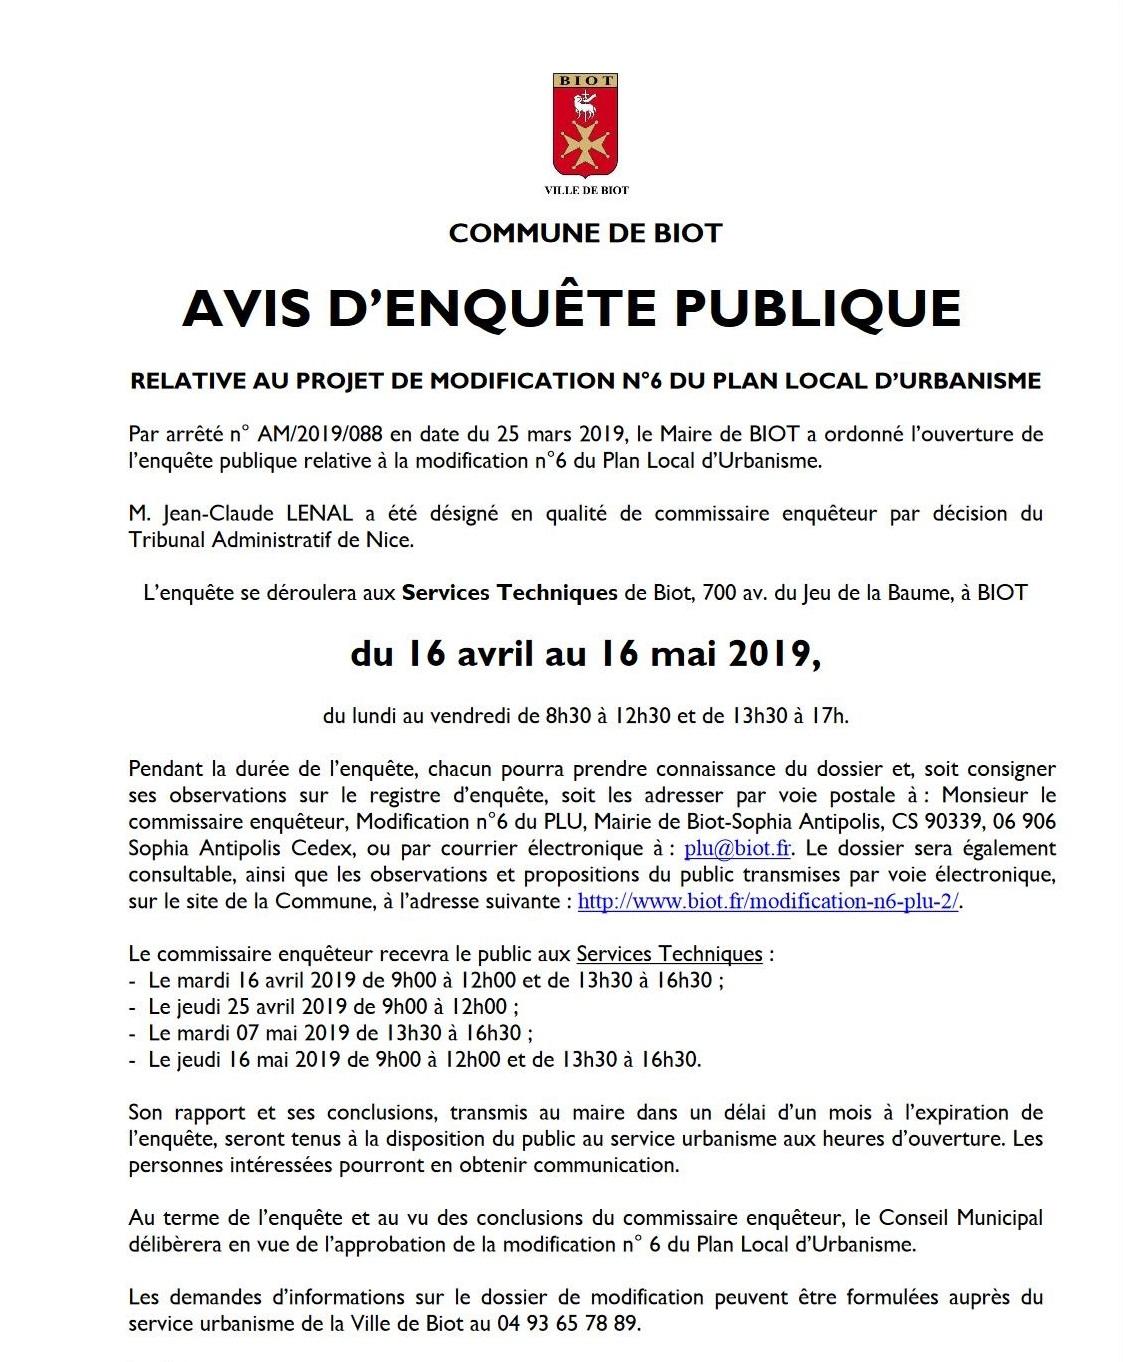 Avis d'enquête publique Biot modification N6 du PLU